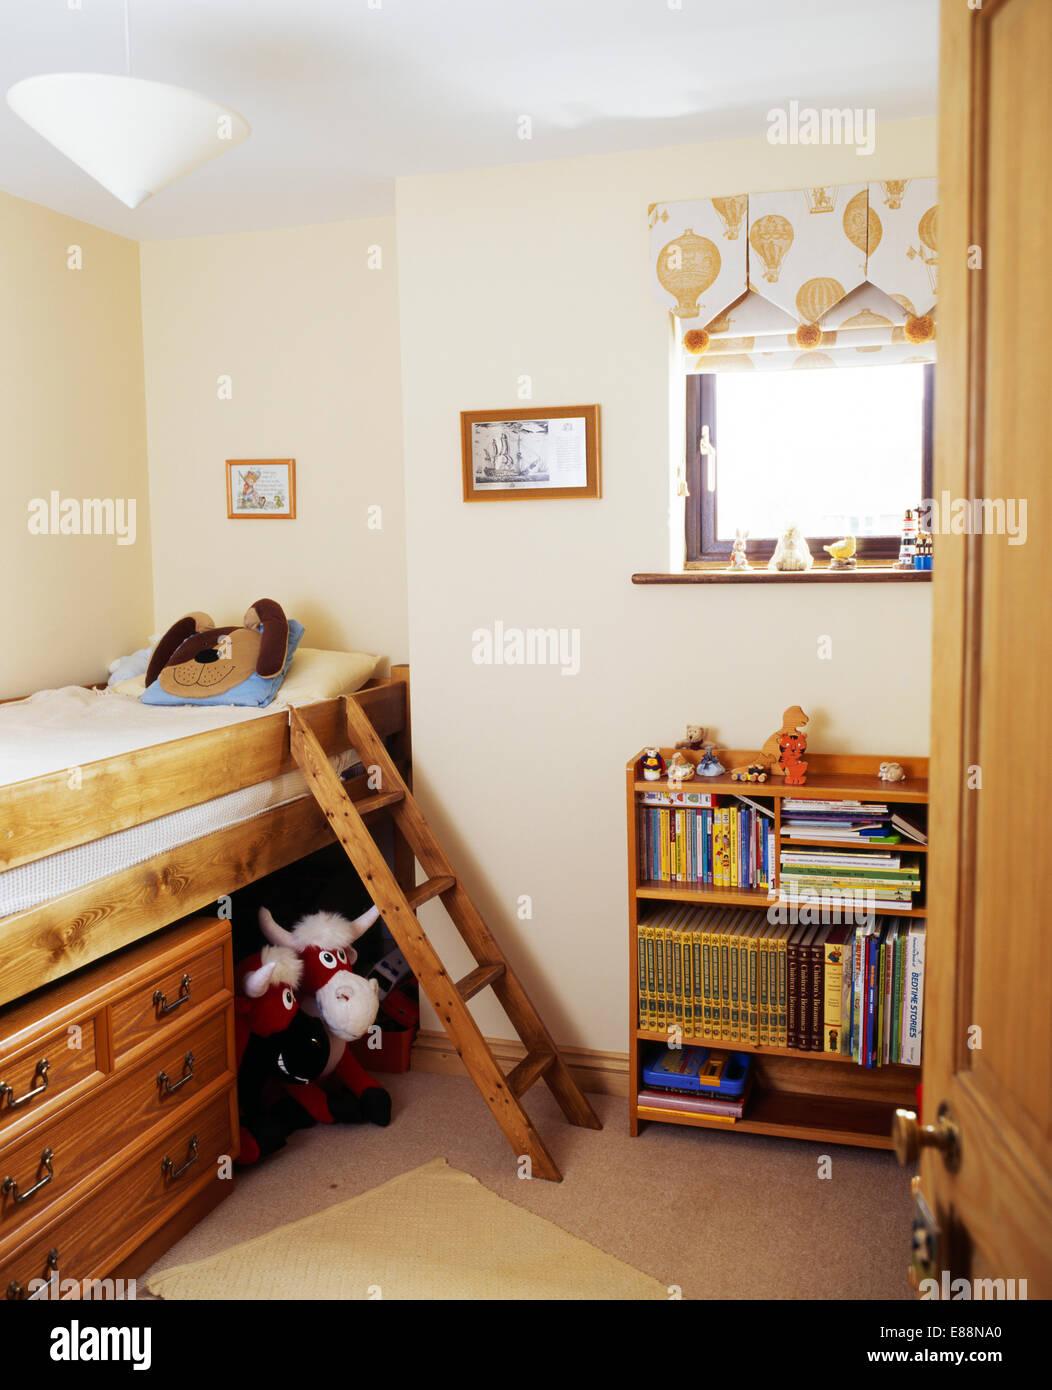 https www alamyimages fr photo image petite echelle en bois a plate forme avec tiroirs de rangement sous lit dans la chambre de l enfant avec etageres en bois 73951080 html